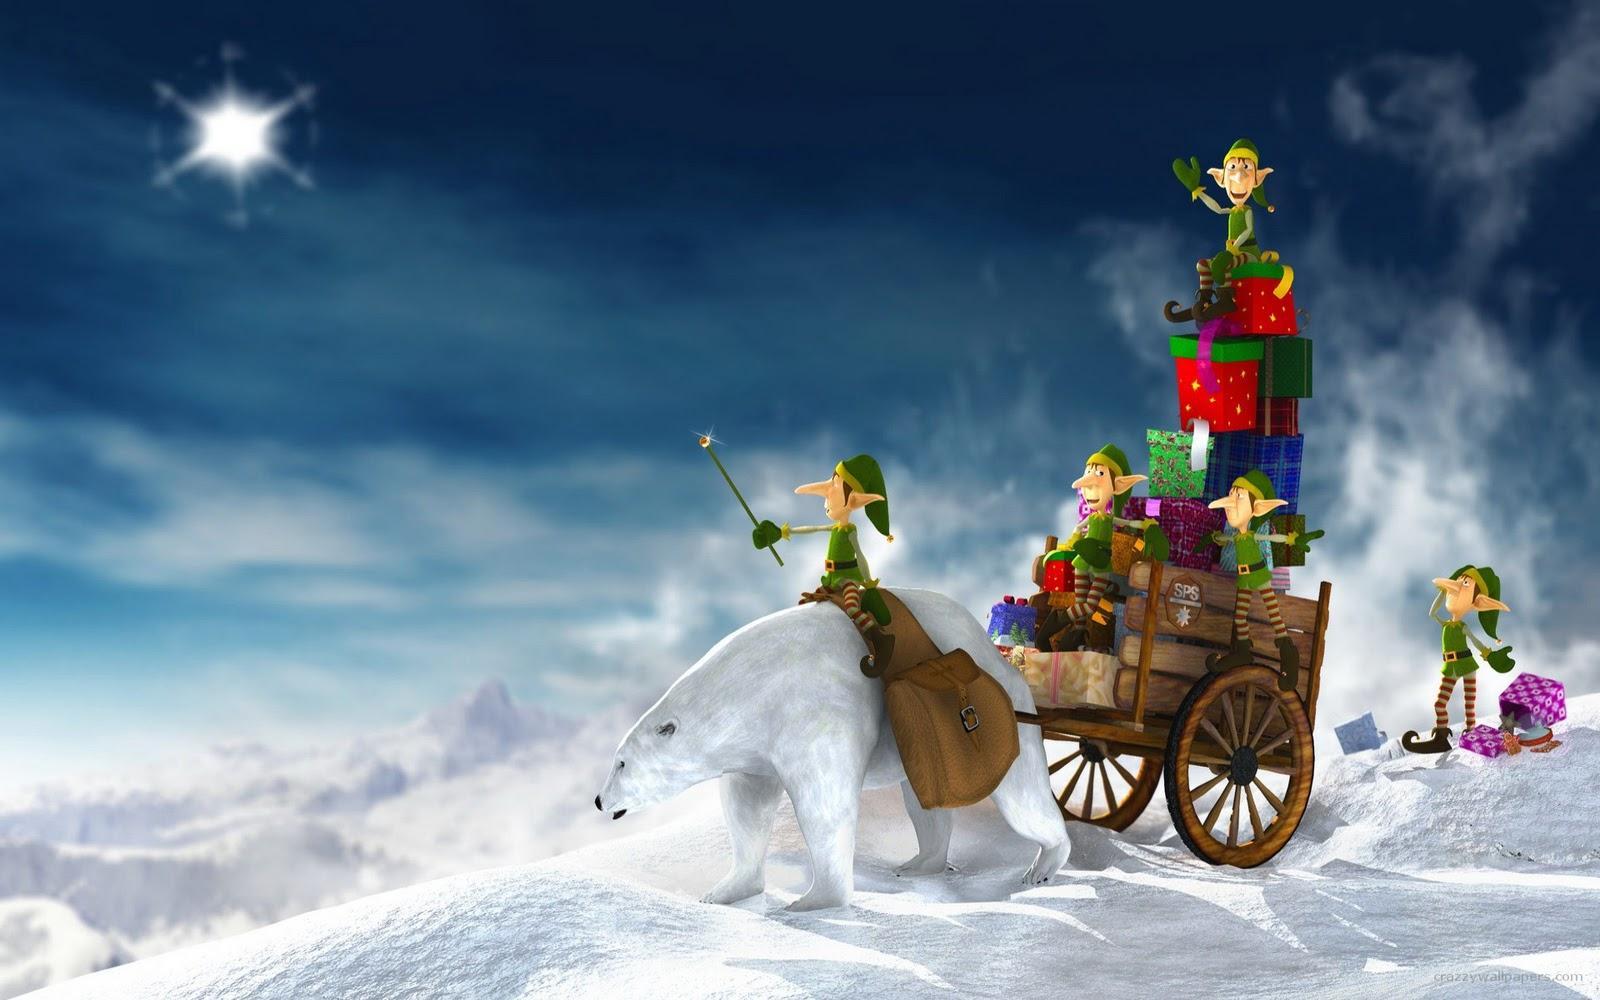 http://3.bp.blogspot.com/-3J2l-gTHO2Q/Tqa11SfdexI/AAAAAAAACfs/uqSD0OzsOZI/s1600/Merry-Christmas-wallpaper+2012.jpg